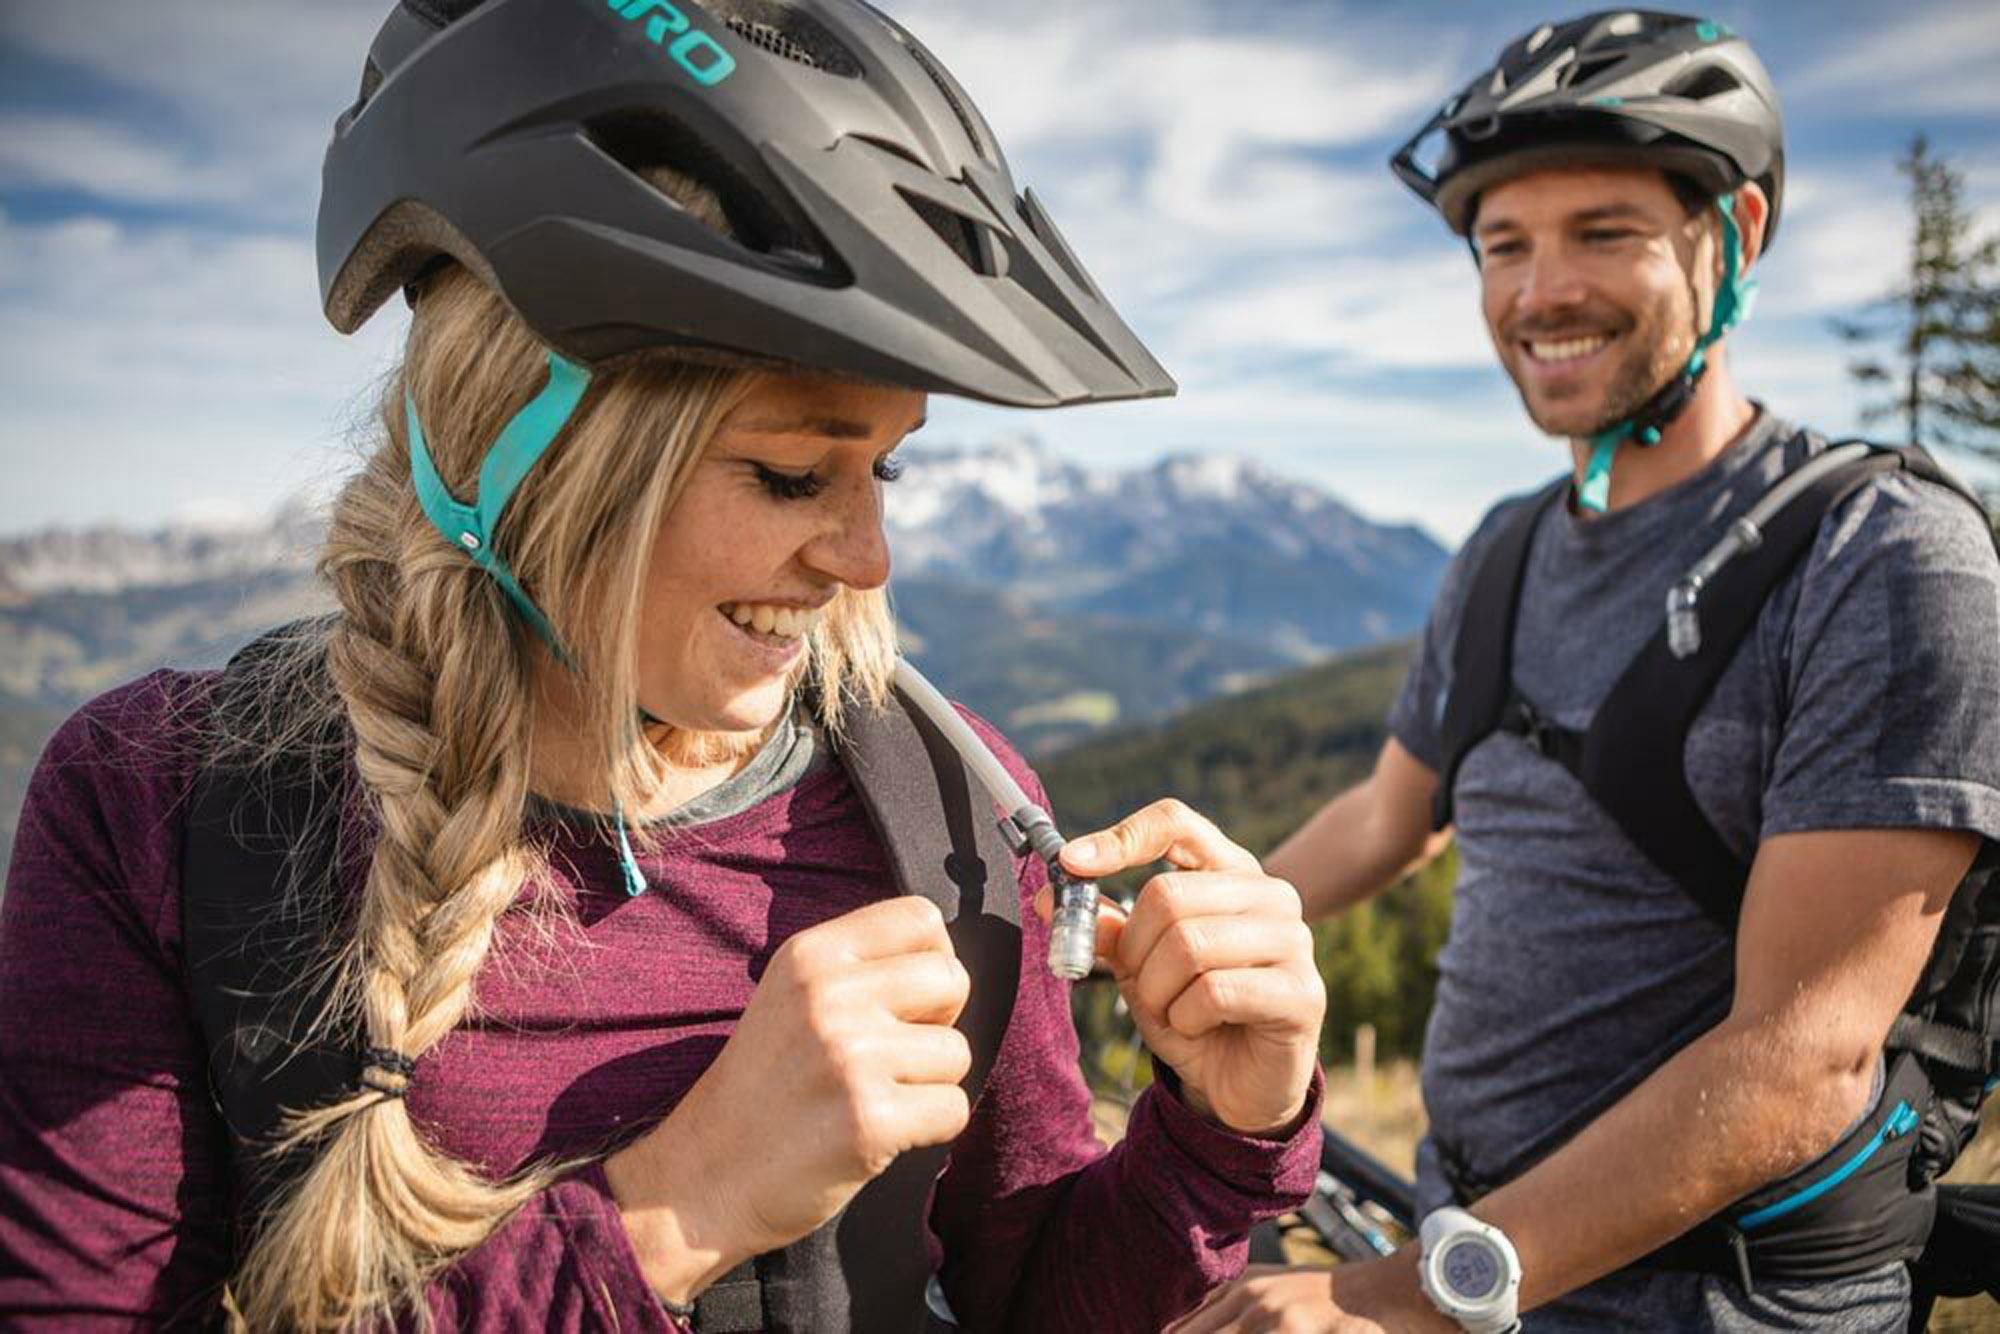 bike mountain zubehör